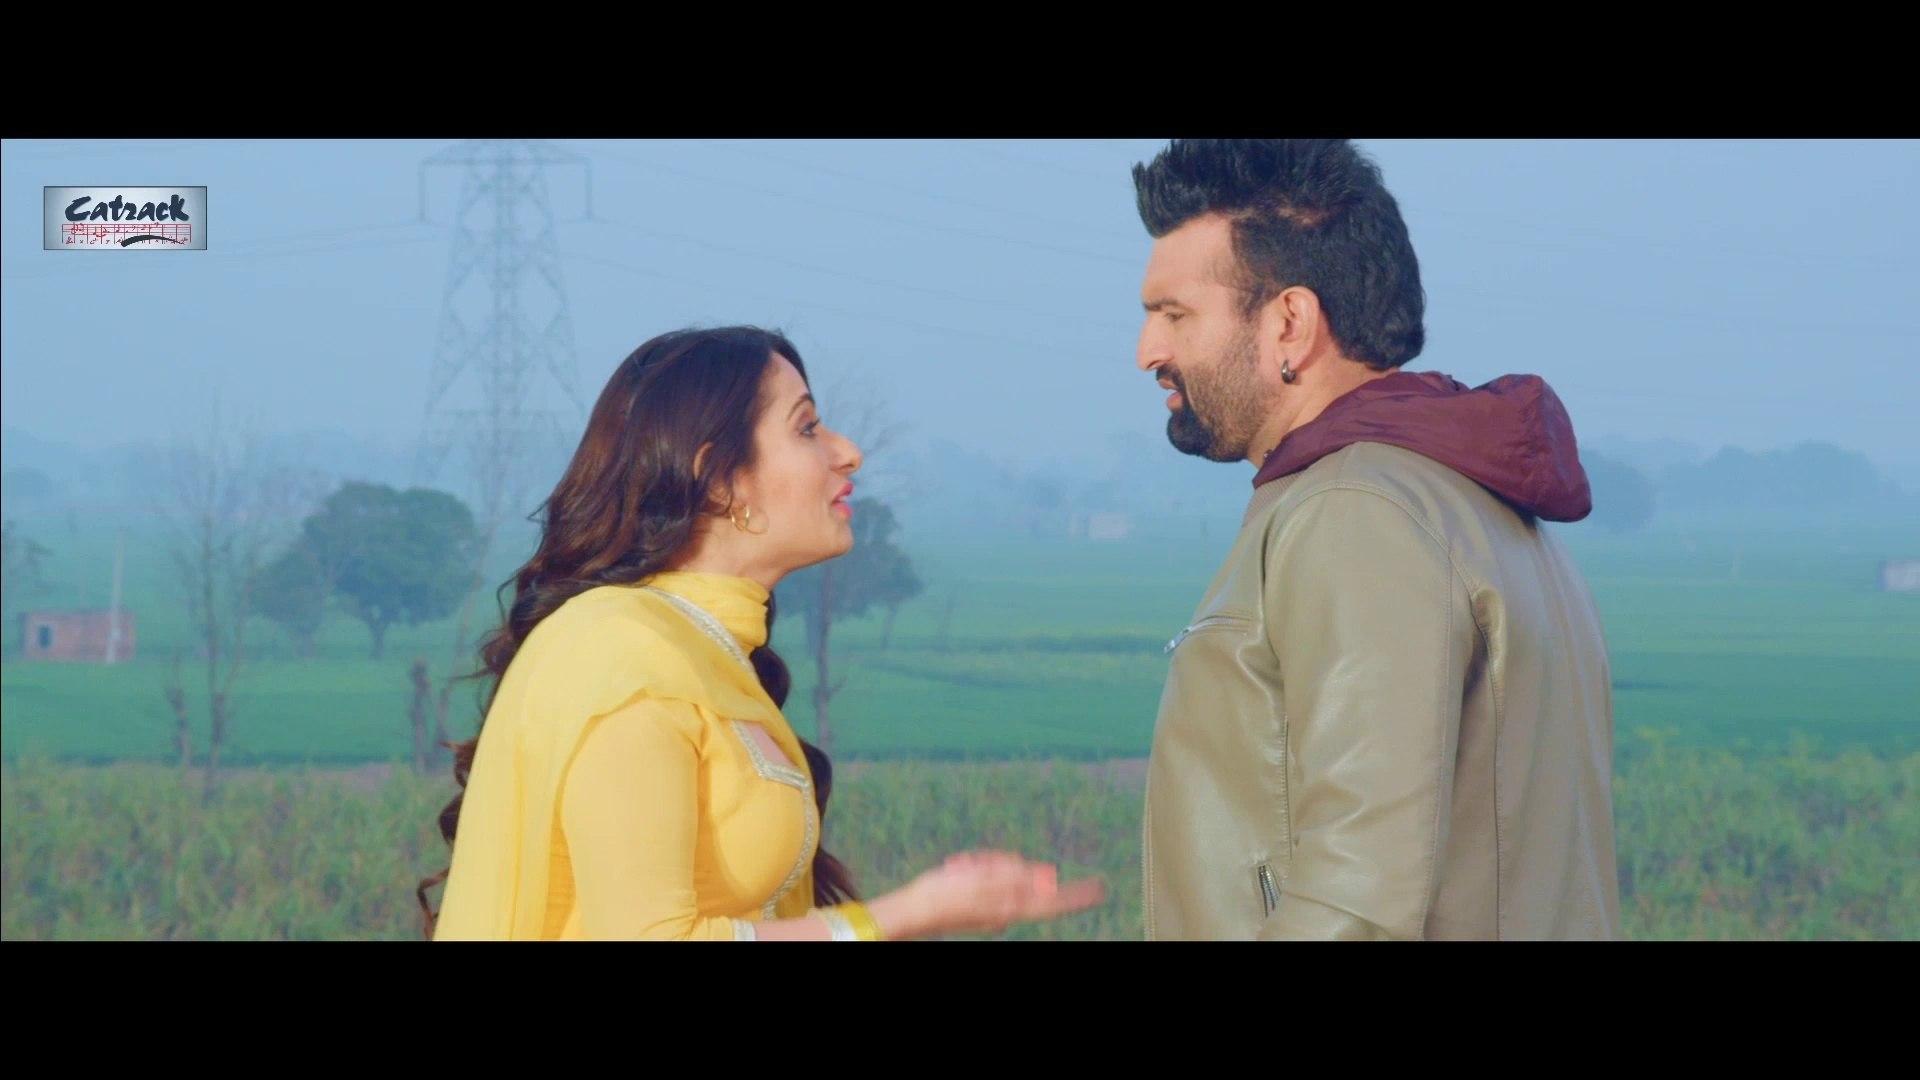 Punjabian Da King | New Full Punjabi Movie | Part 2 Of 7 | Latest Punjabi Movies 2015 | Punjabi Acti